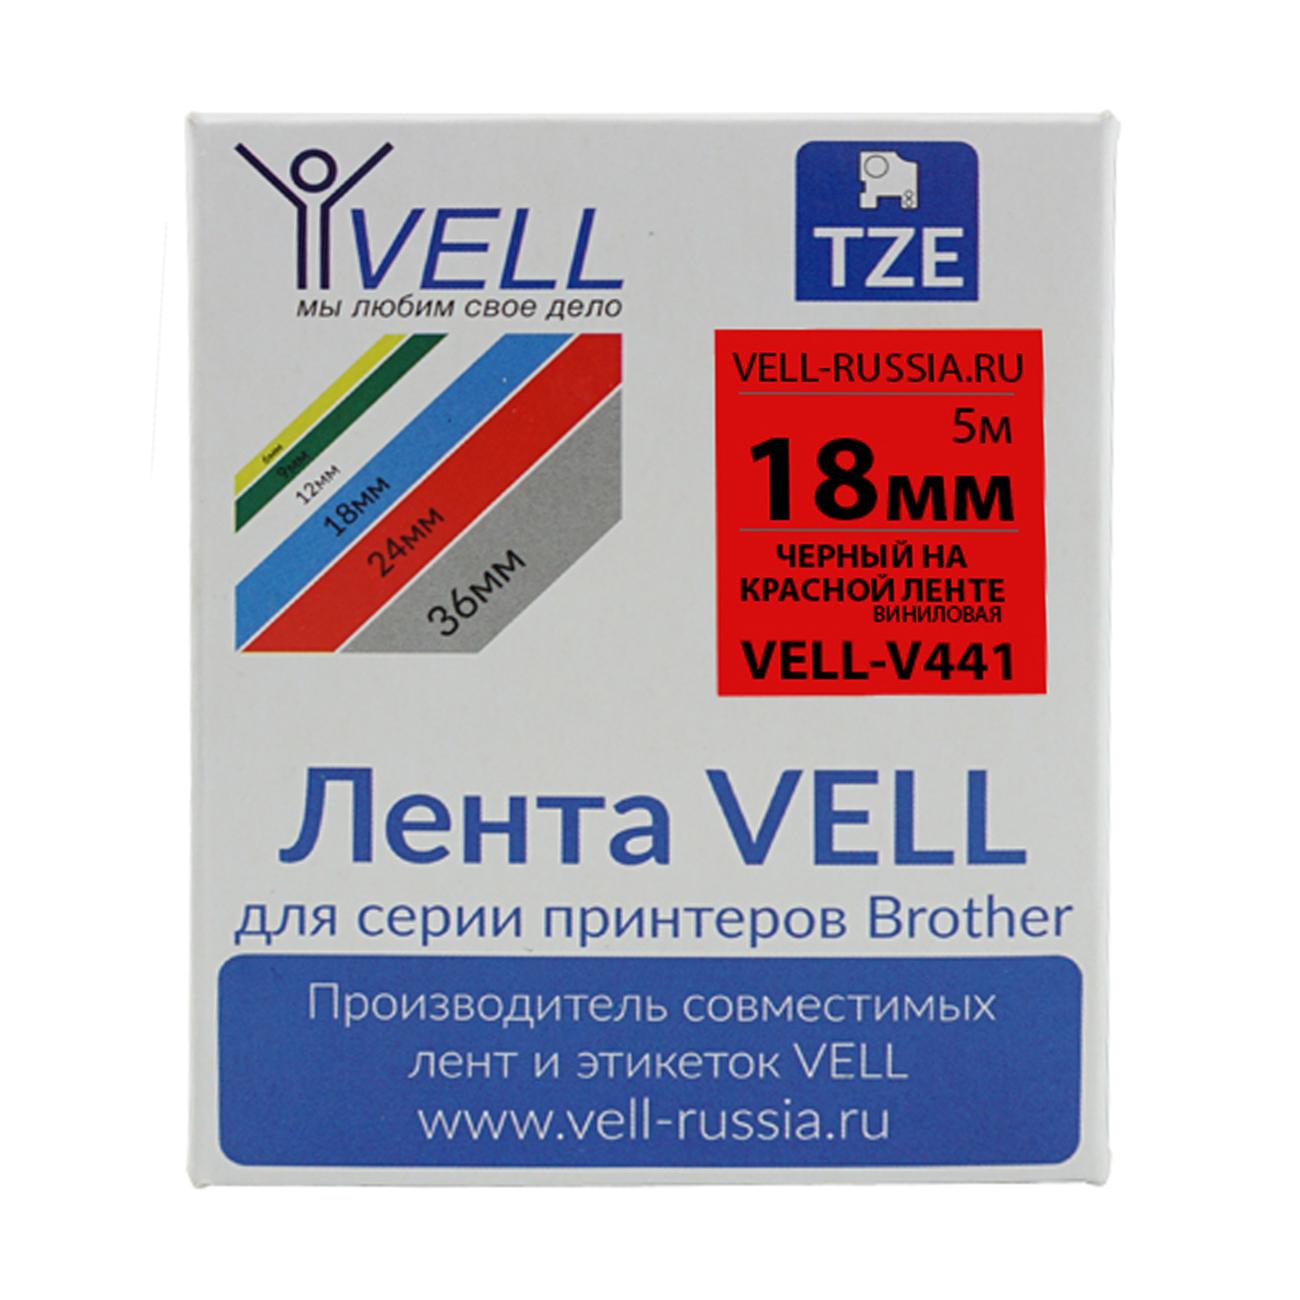 Фото Лента виниловая Vell V-441 (18 мм, черный на красном) для PT D450/D600/E300/2700/ P700/P750/E550/9700/P900/2430 {Vell-V441}